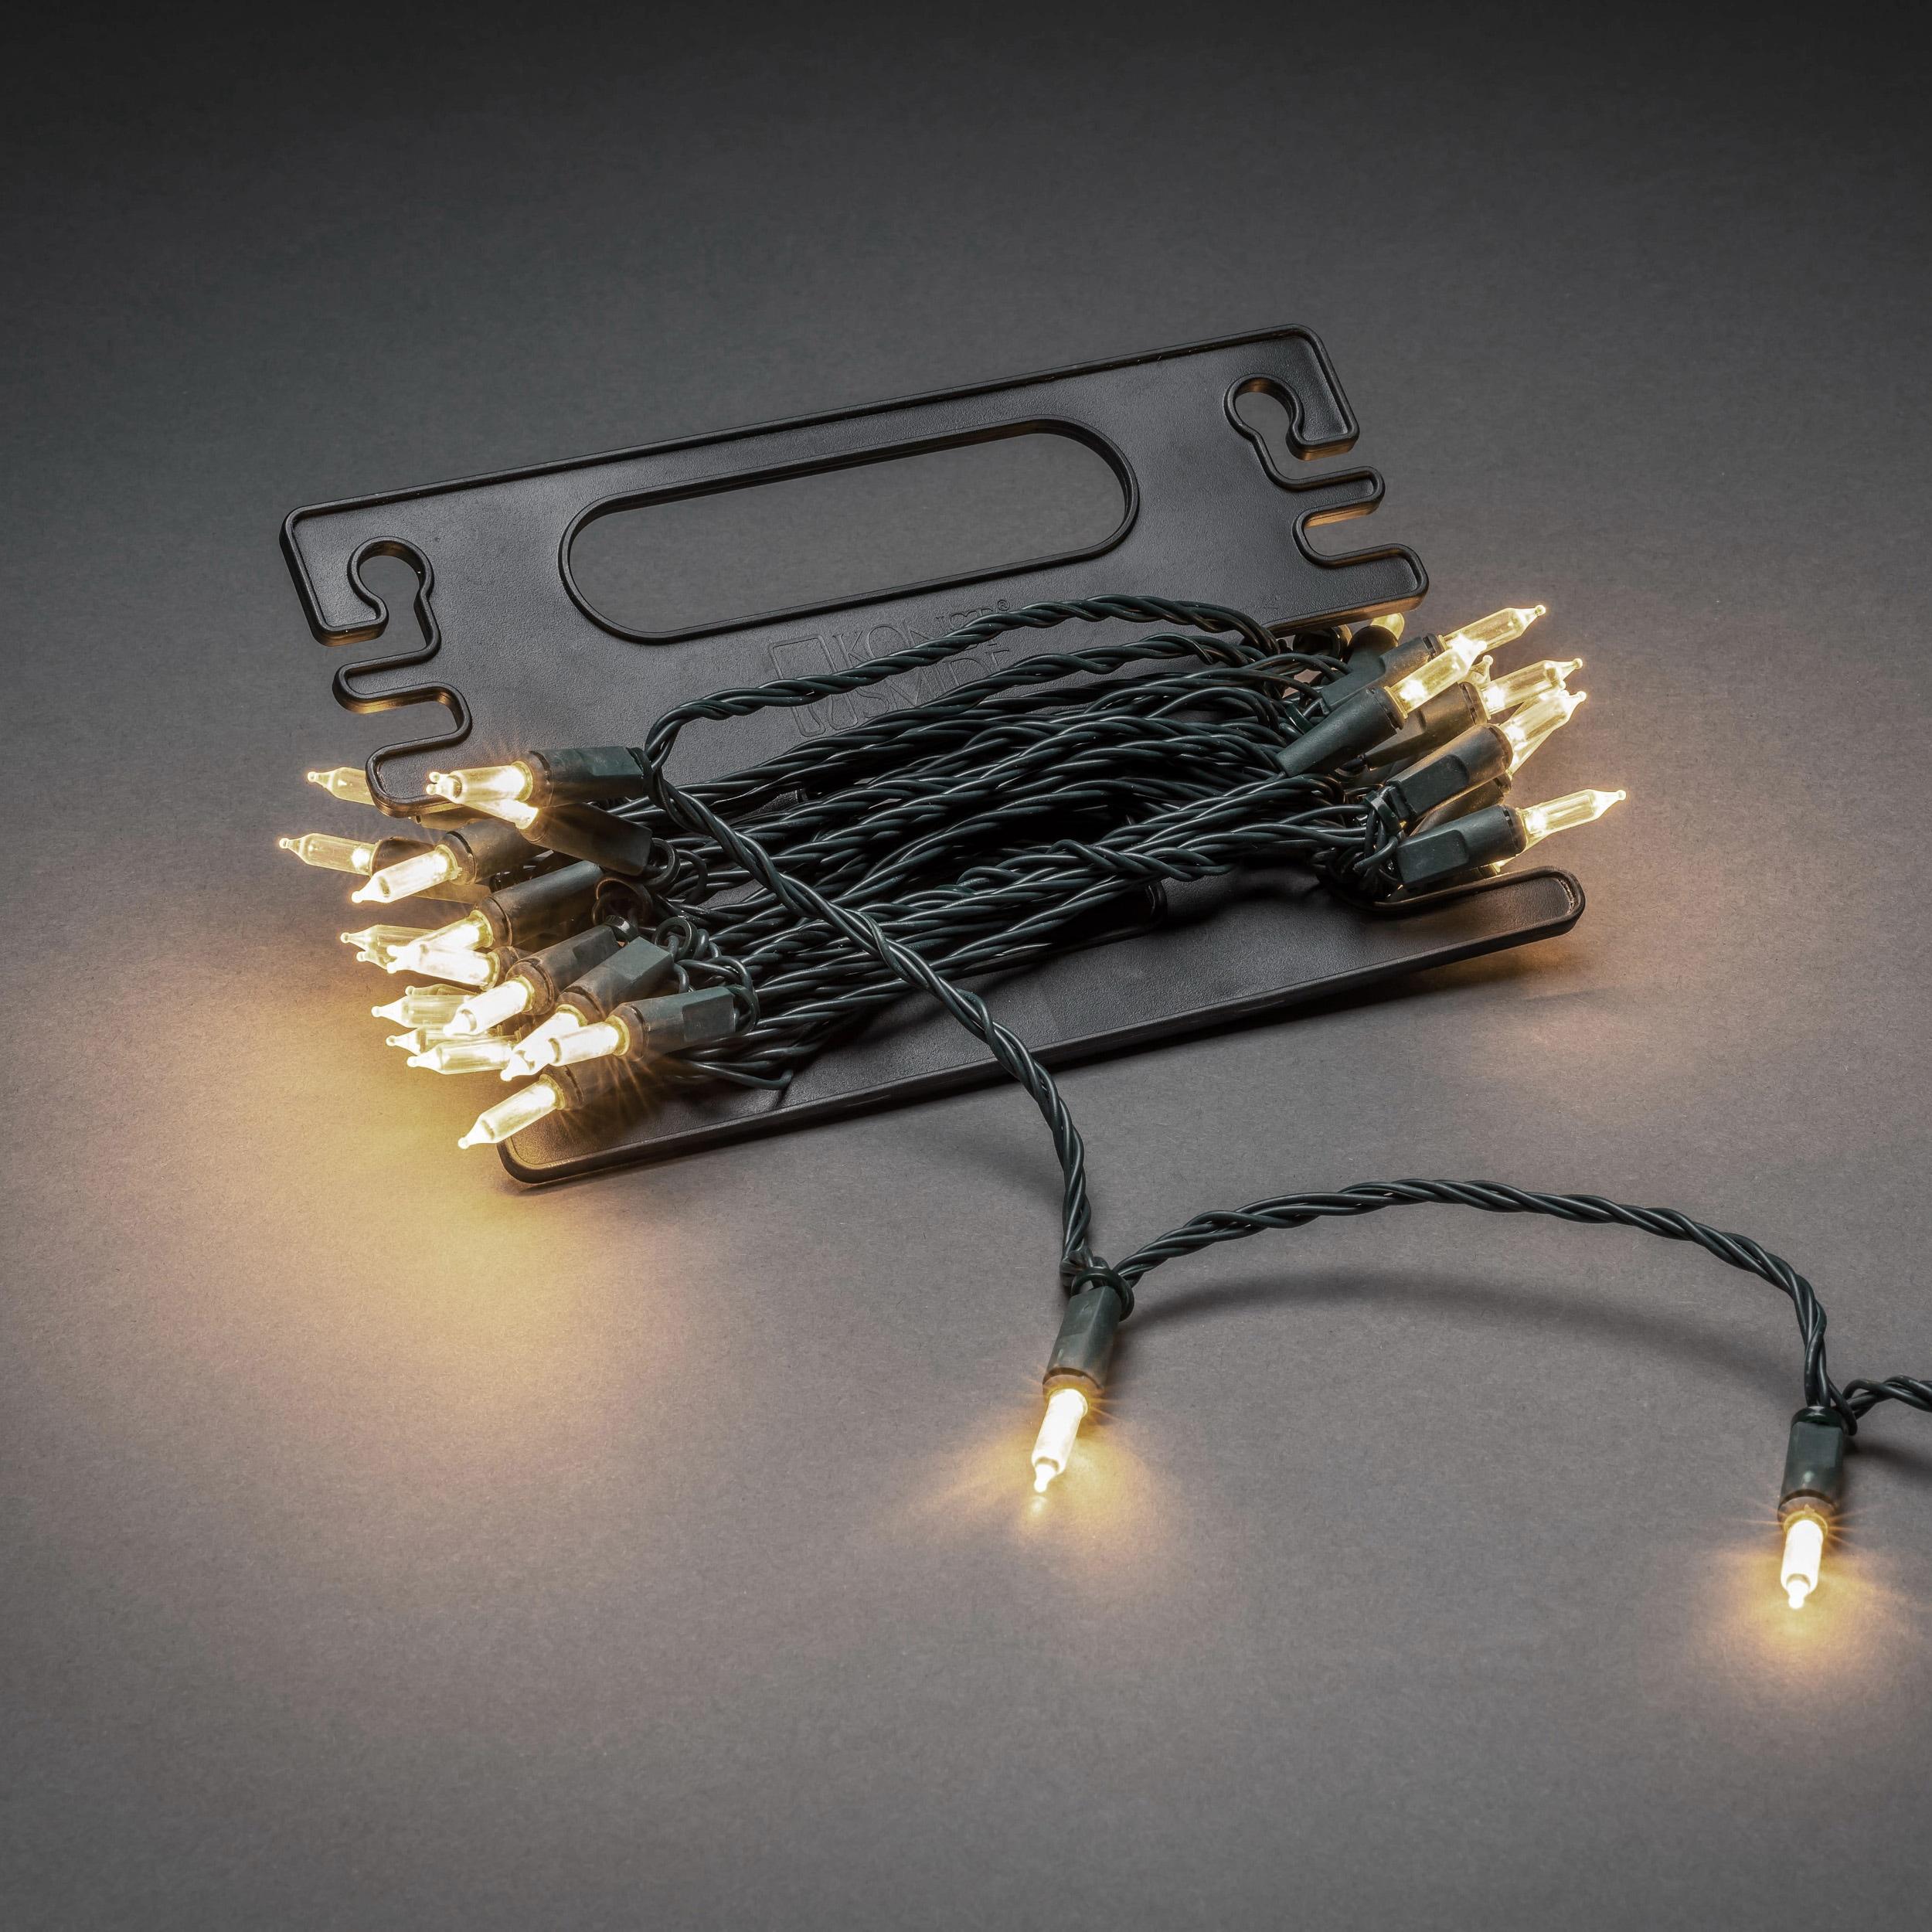 KONSTSMIDE LED Dekolicht, Warmweiß, Minilichterkette, mit Aufroller günstig online kaufen